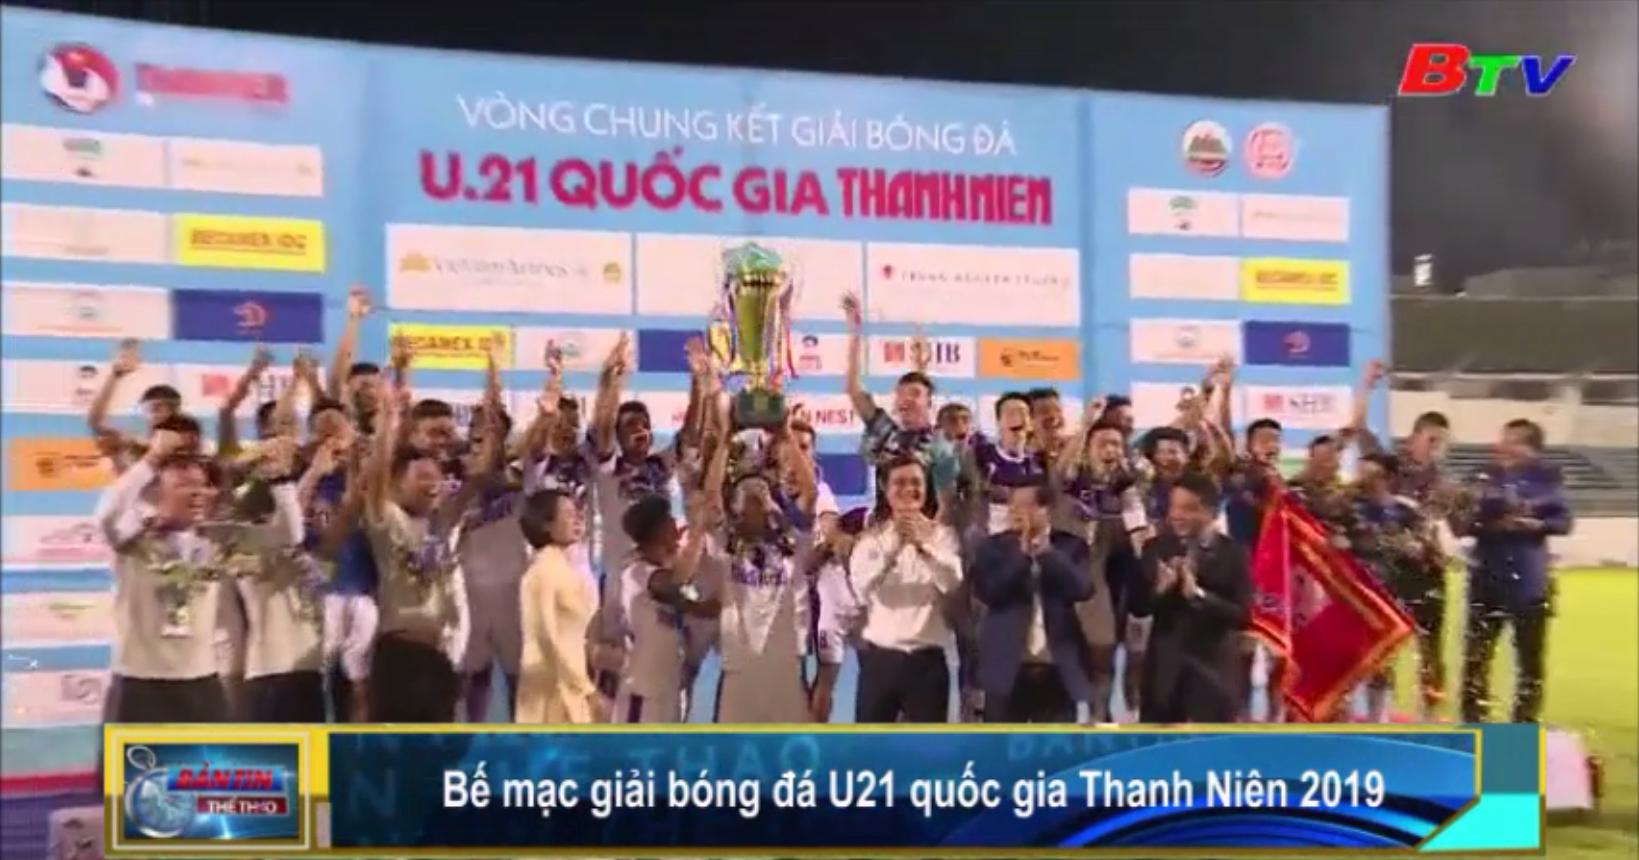 Bế mạc Giải bóng đá U21 quốc gia Thanh Niên 2019